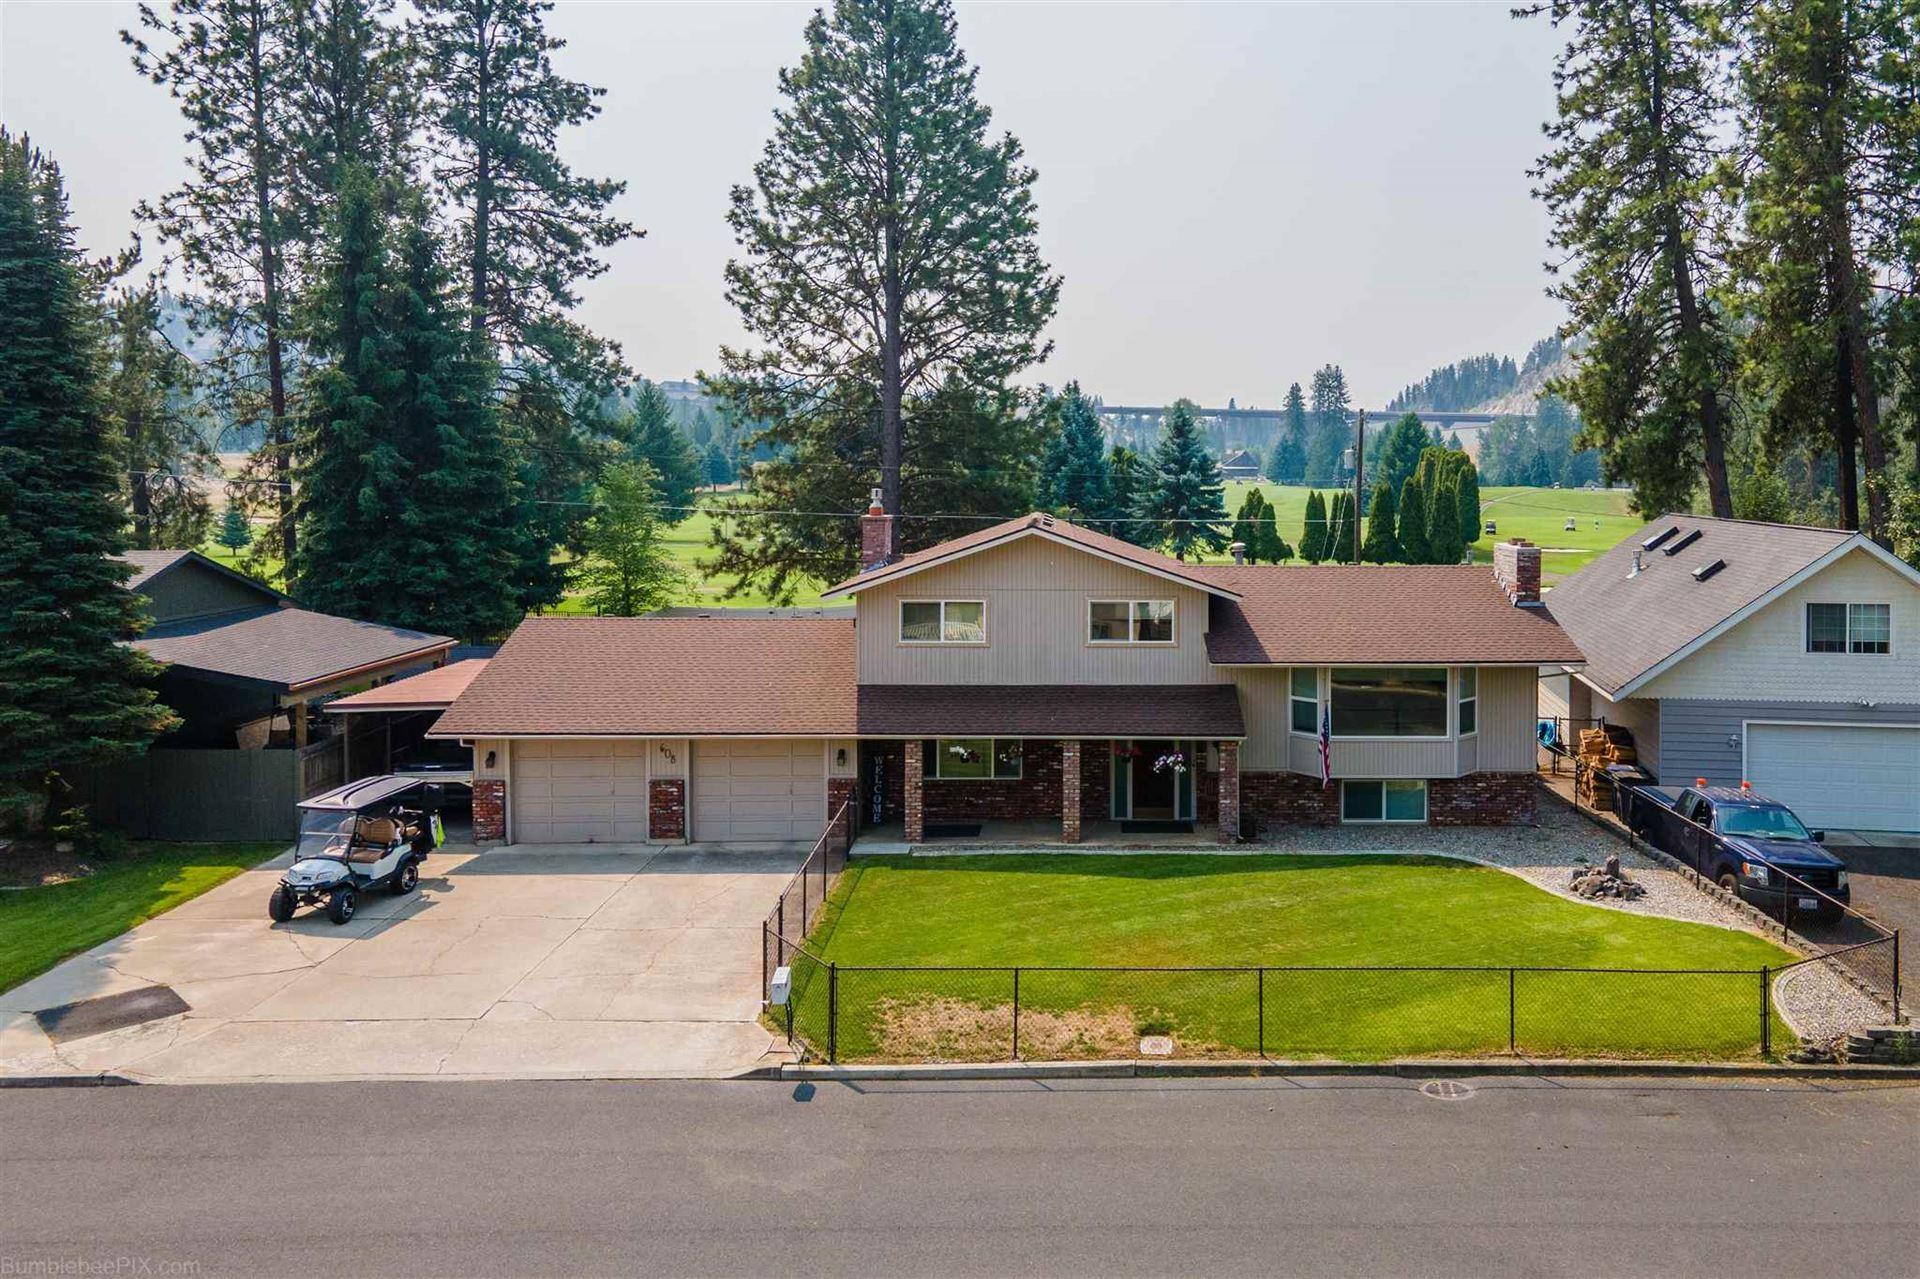 608 E Brentwood Dr, Spokane, WA 99208 - #: 202121947